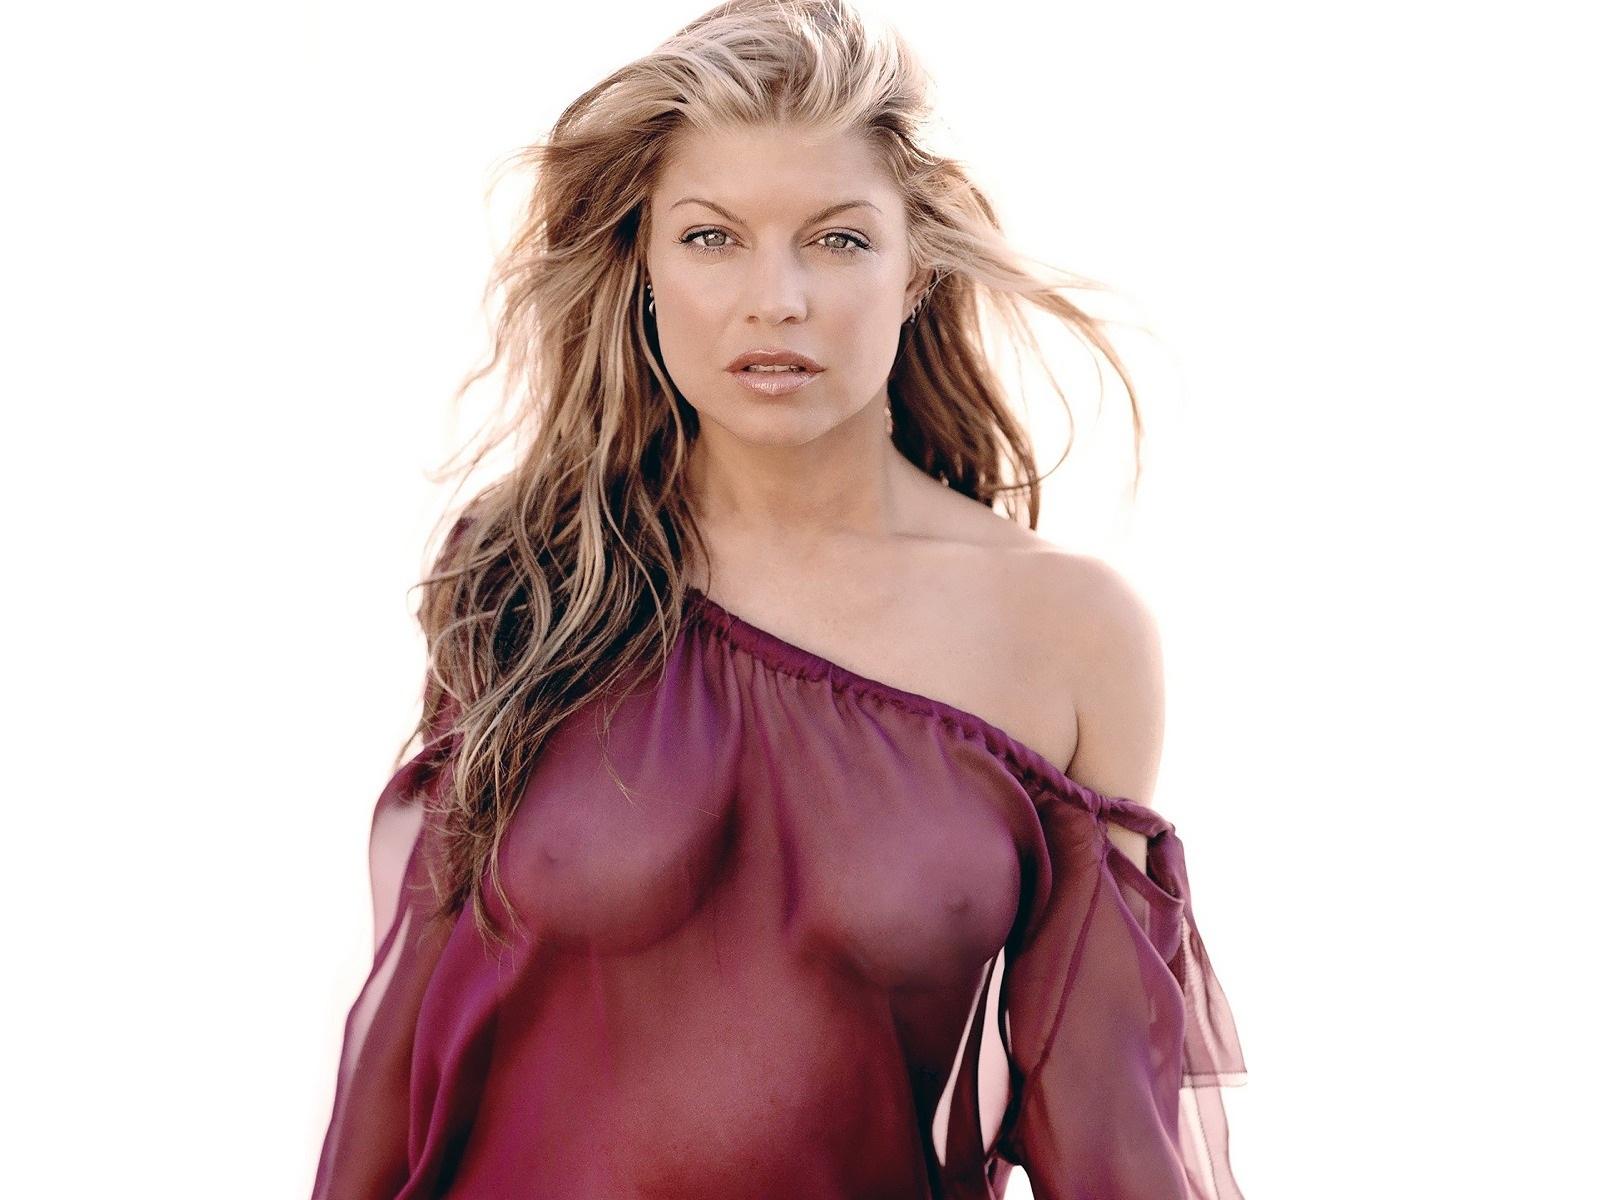 http://3.bp.blogspot.com/-_fi75VdZN3Q/TqPvrntvrYI/AAAAAAAAB_w/J8_s2iJdWBA/s1600/sploogeblog_fergie_topless_seethru_wallpaper.jpg